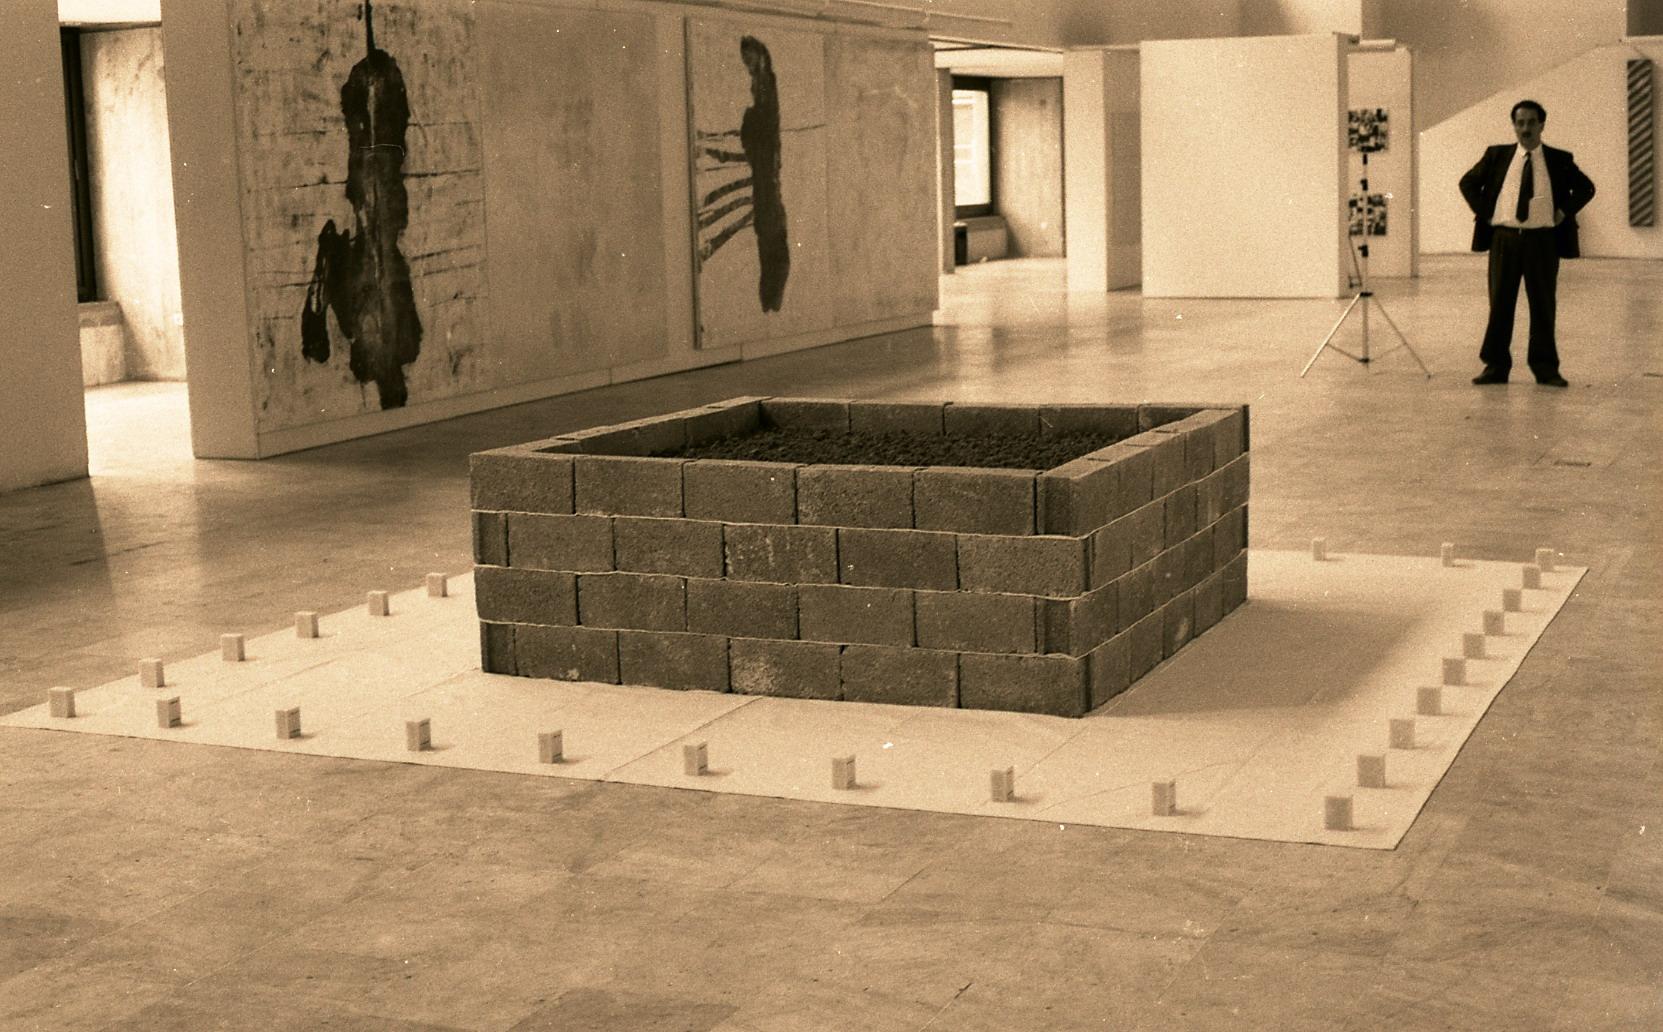 Cengiz Çekil, Fani Bir Anıt (No. 1), 1990. Büyük Sergi II'den görünüm, Atatürk Kültür Merkezi, Ankara, 1990. (SALT Araştırma, Cengiz Çekil Arşivi)